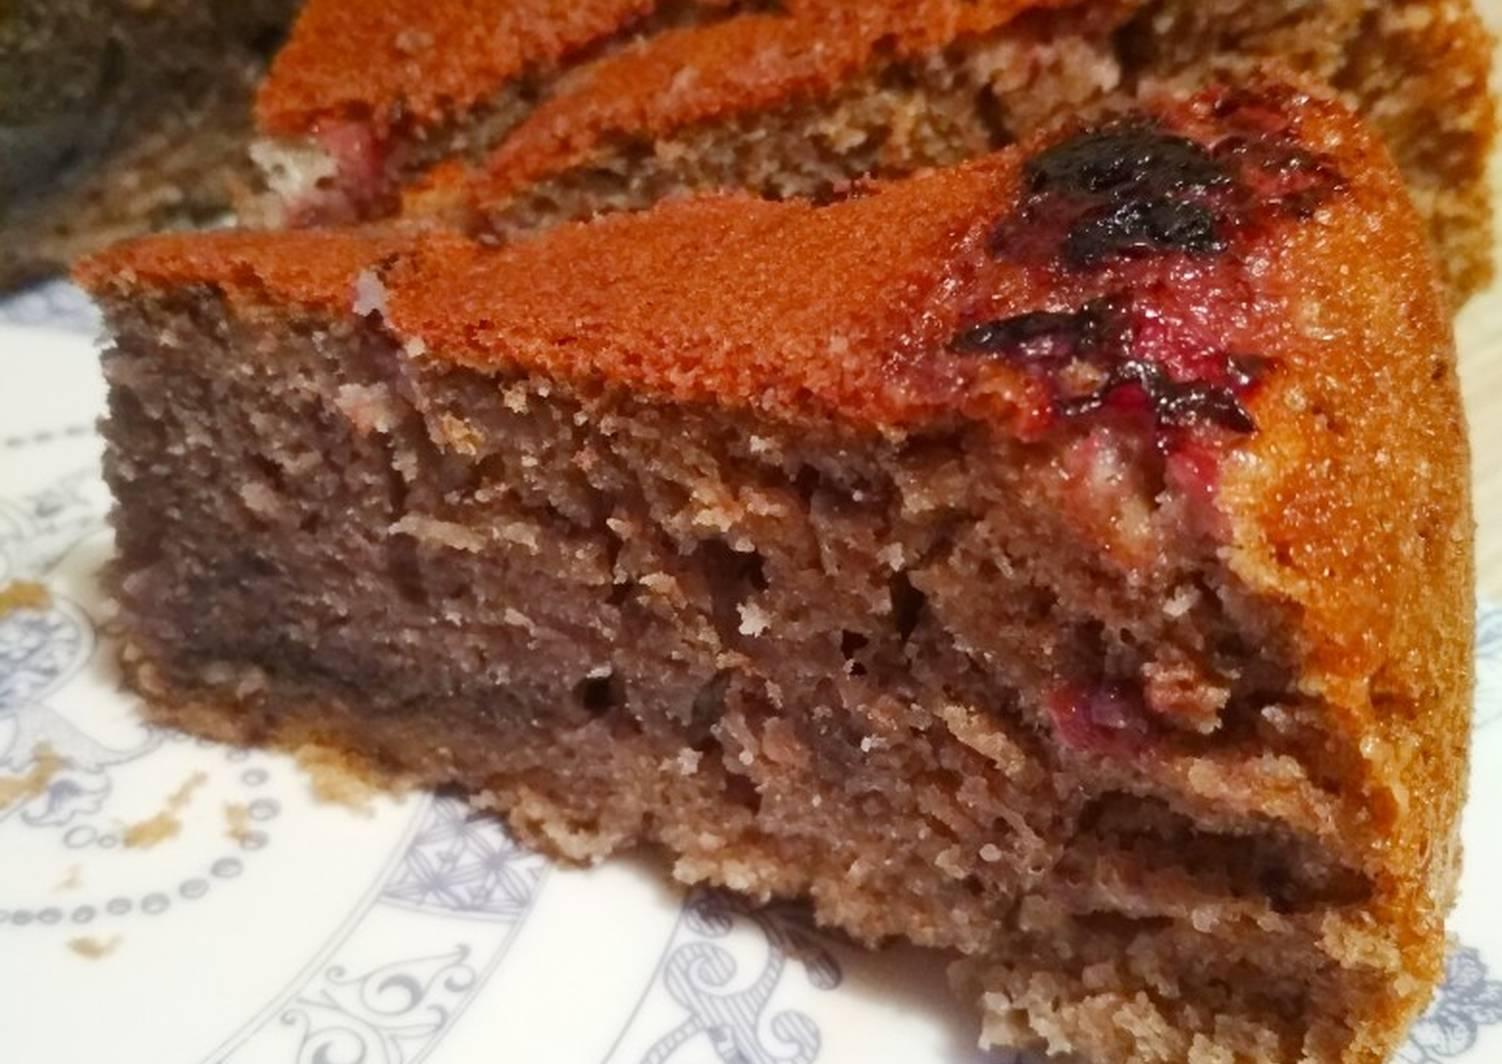 сладкий пирог в мультиварке рецепты с фото франции пудель считался